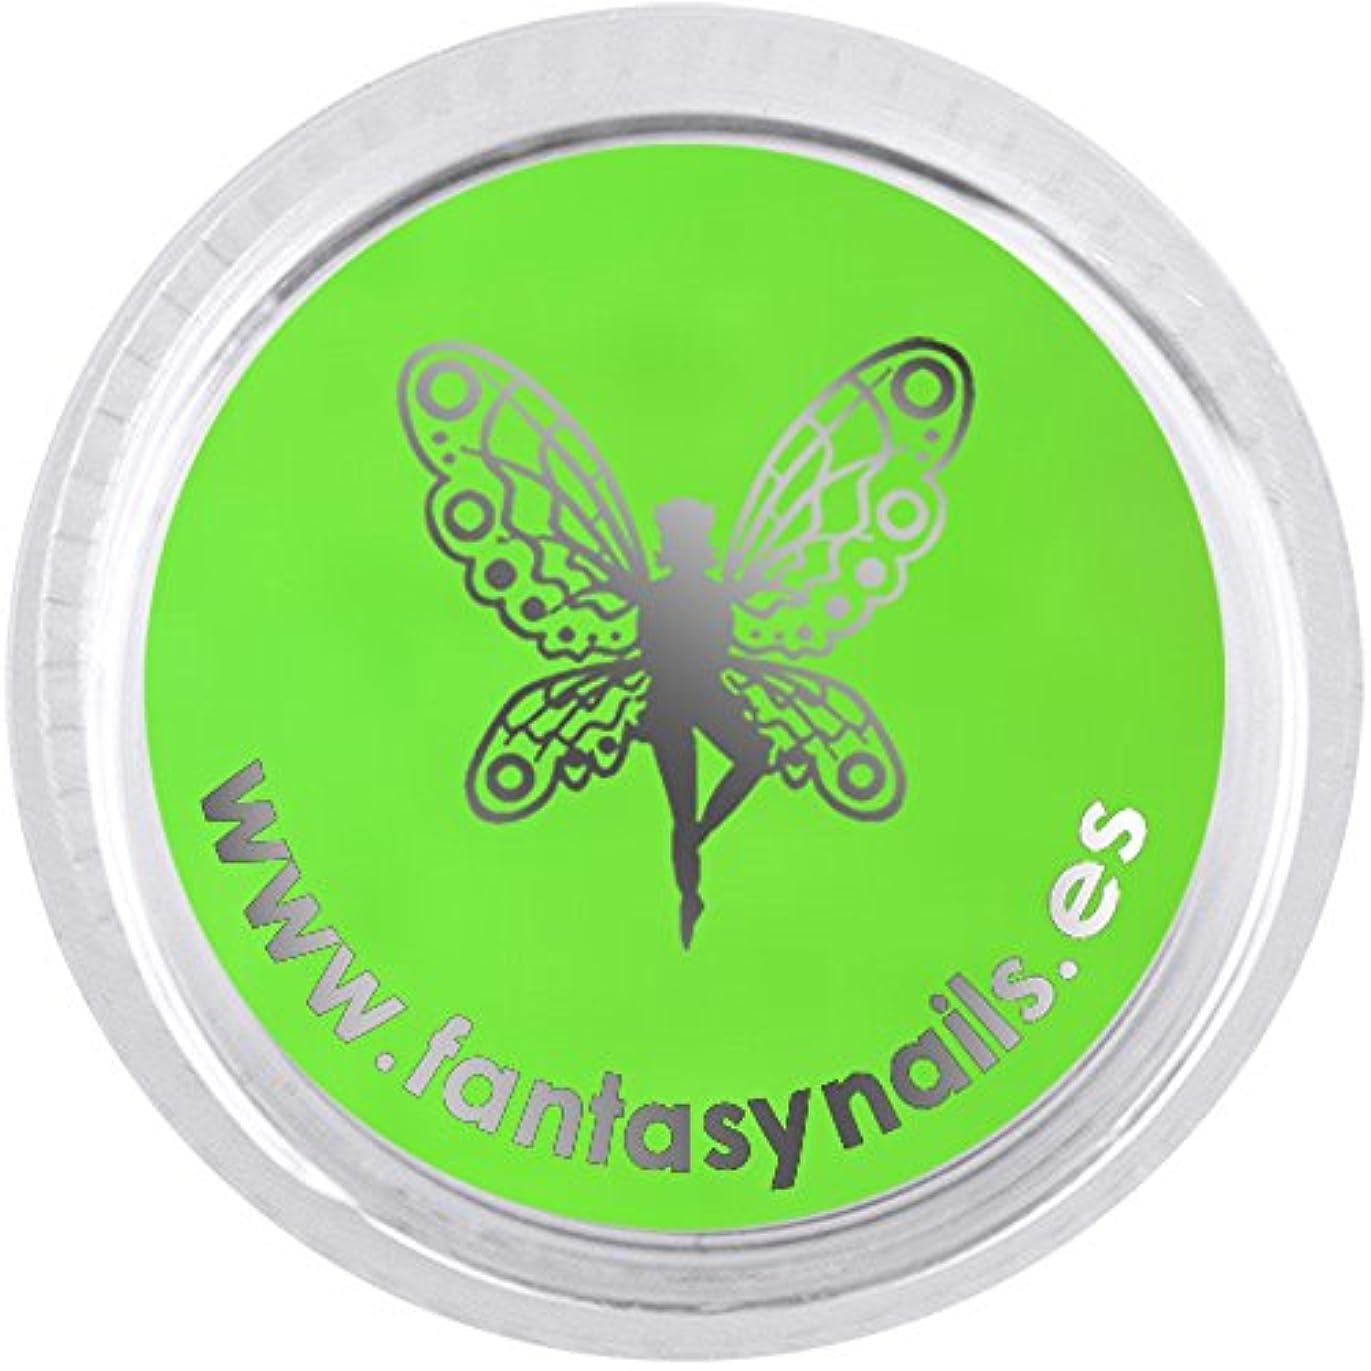 見つけた繁雑溶融FANTASY NAIL フラワーコレクション 3g 4764XS カラーパウダー アート材